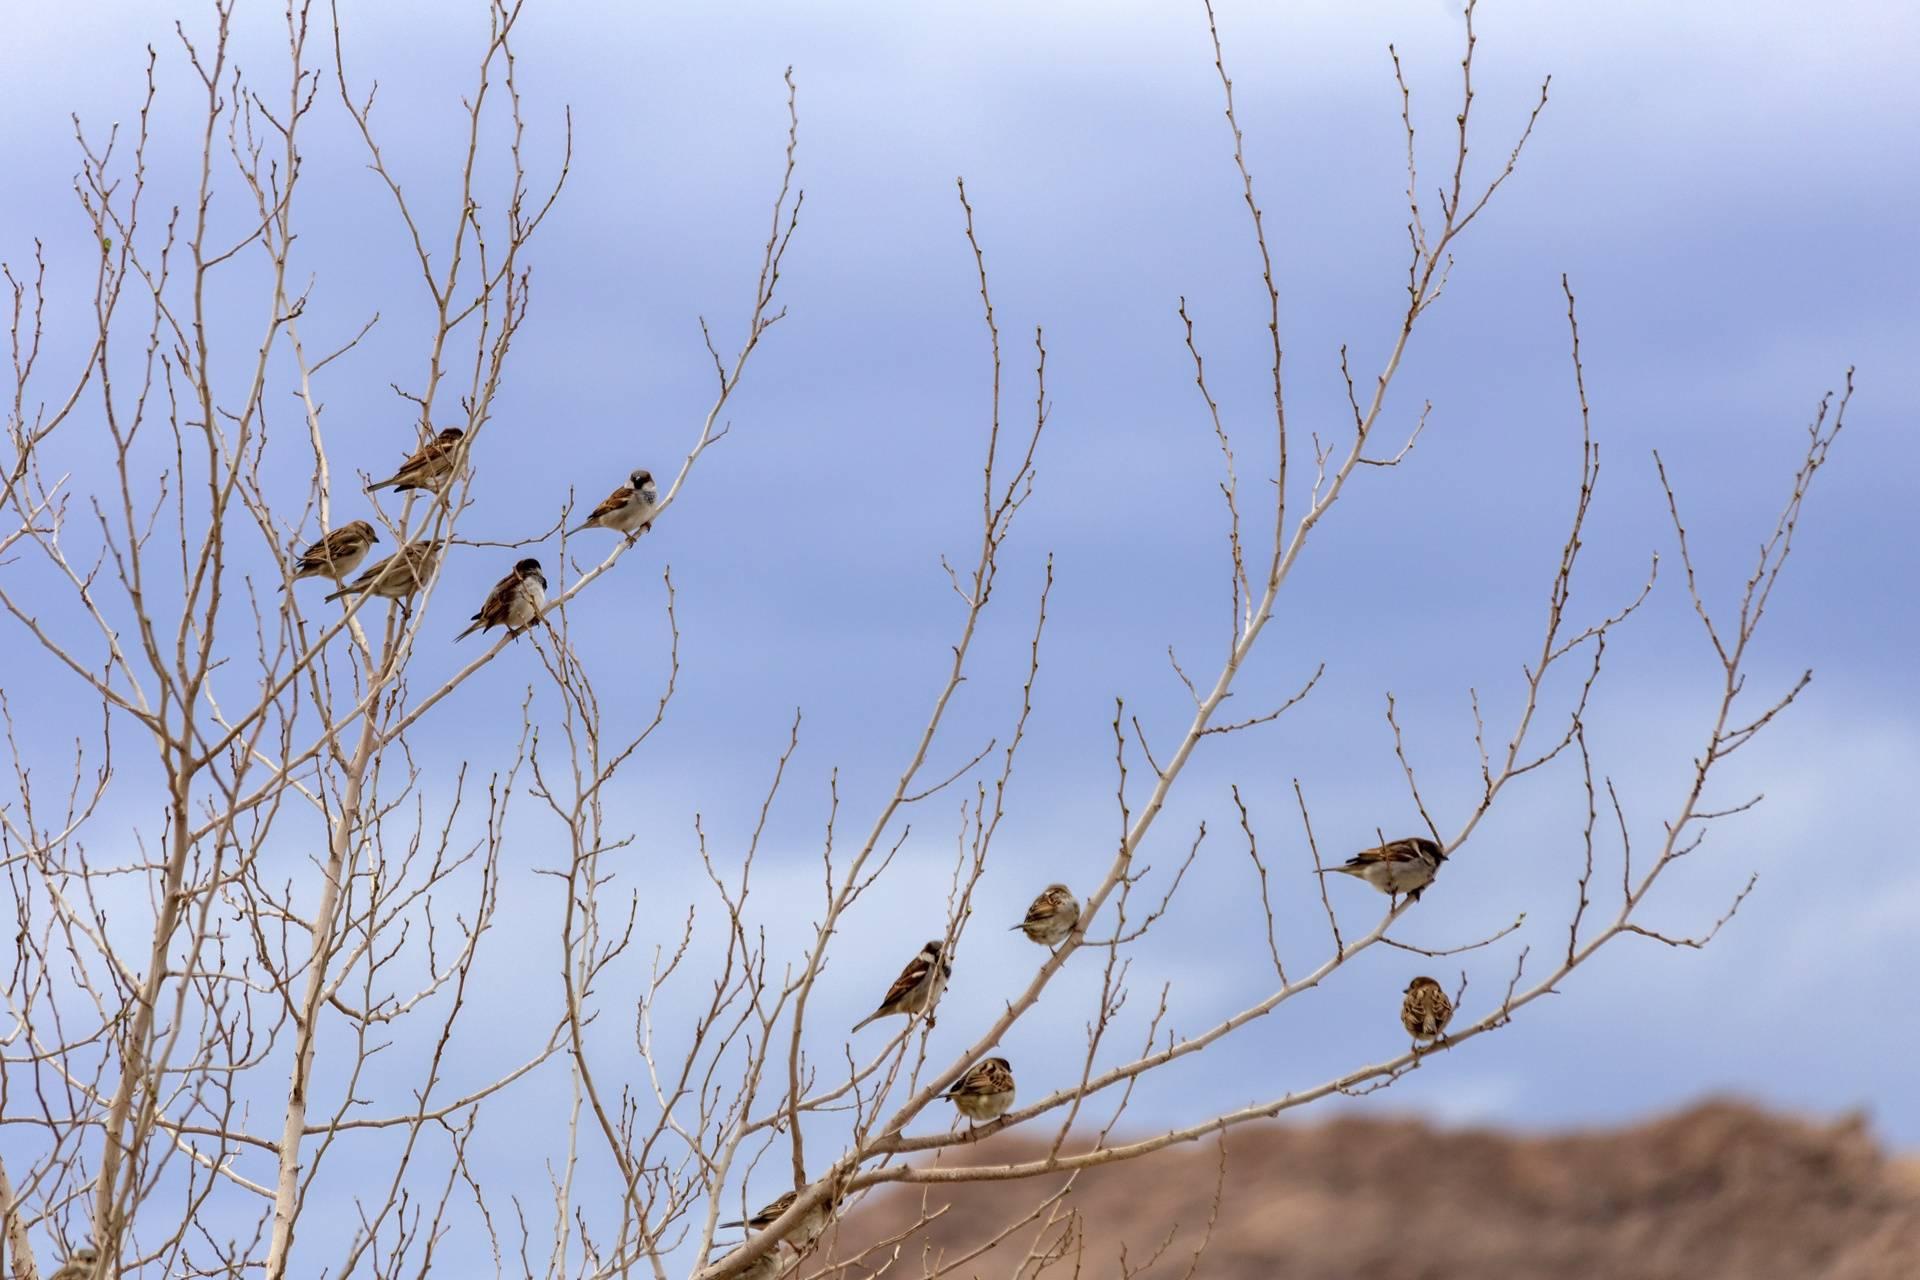 qom city - Birds